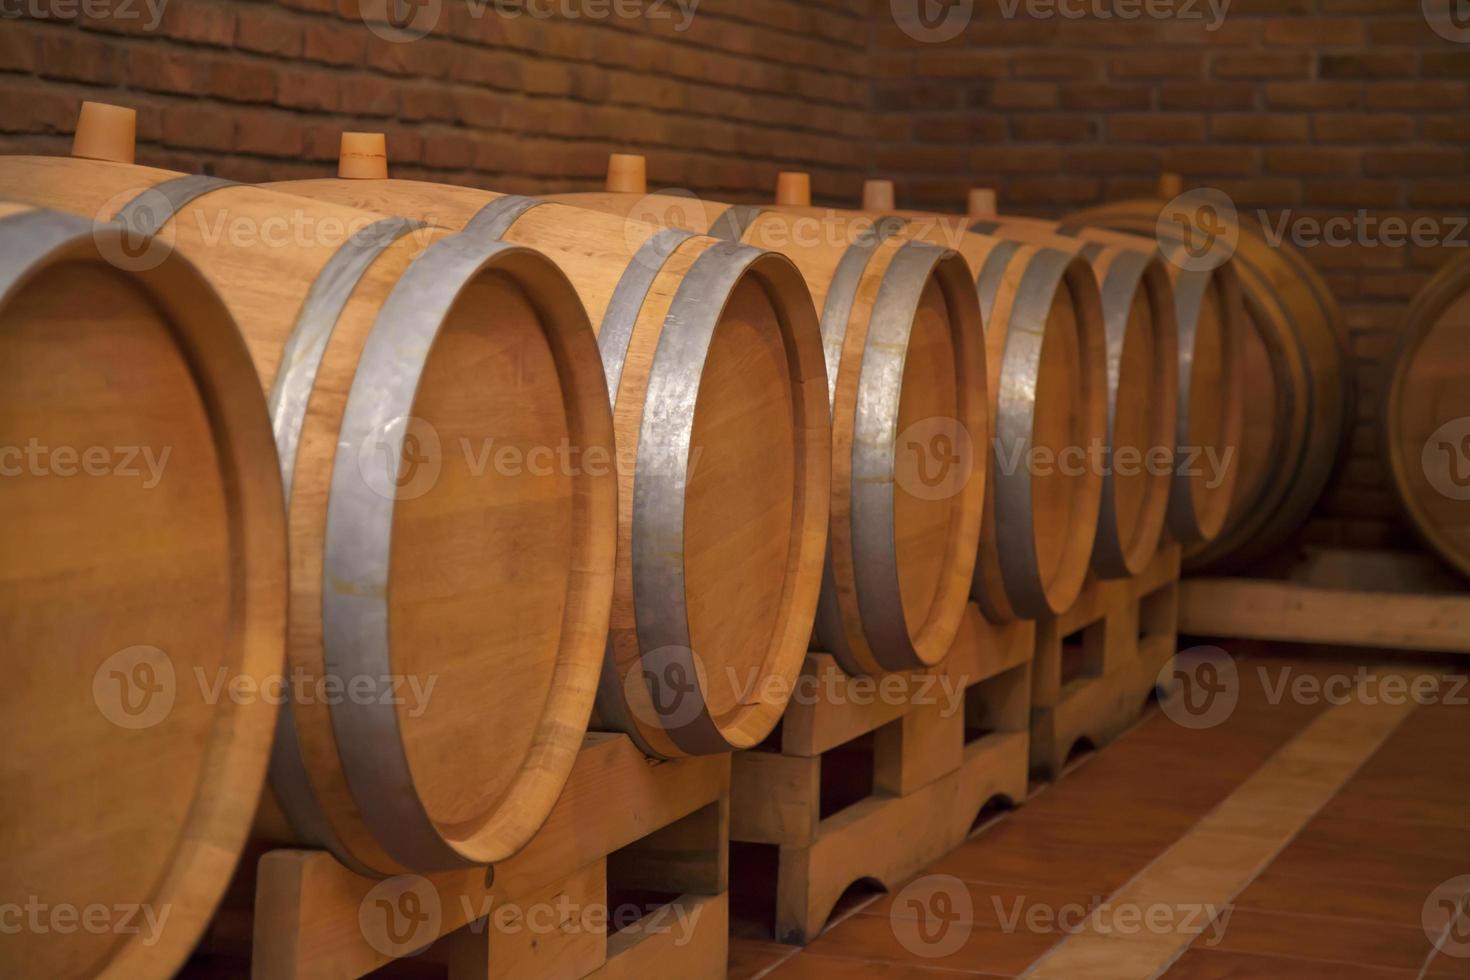 barris de vinho em uma vinícola. foto